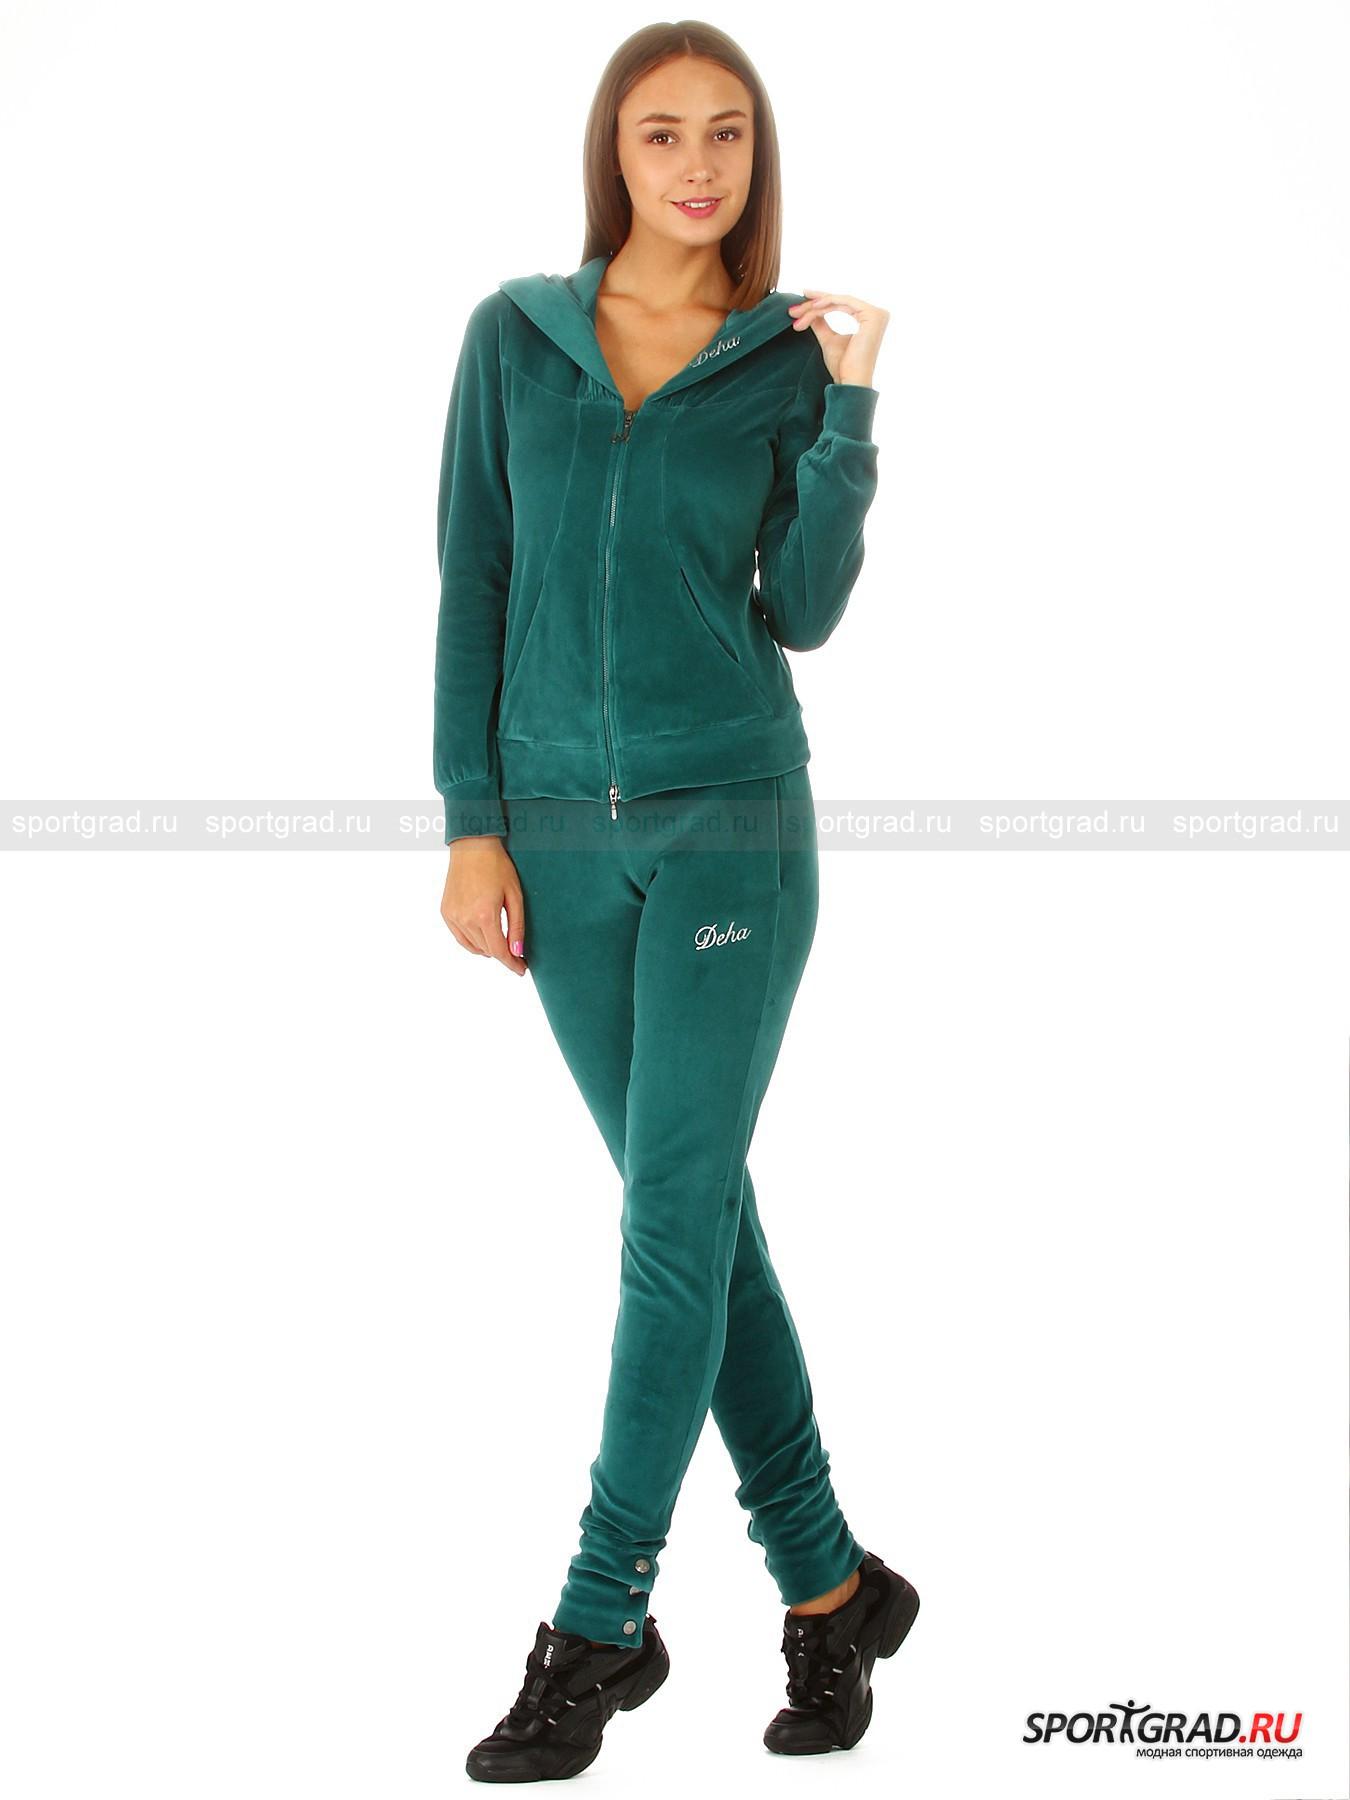 Костюм женский велюровый Track suit DEHA от Спортград